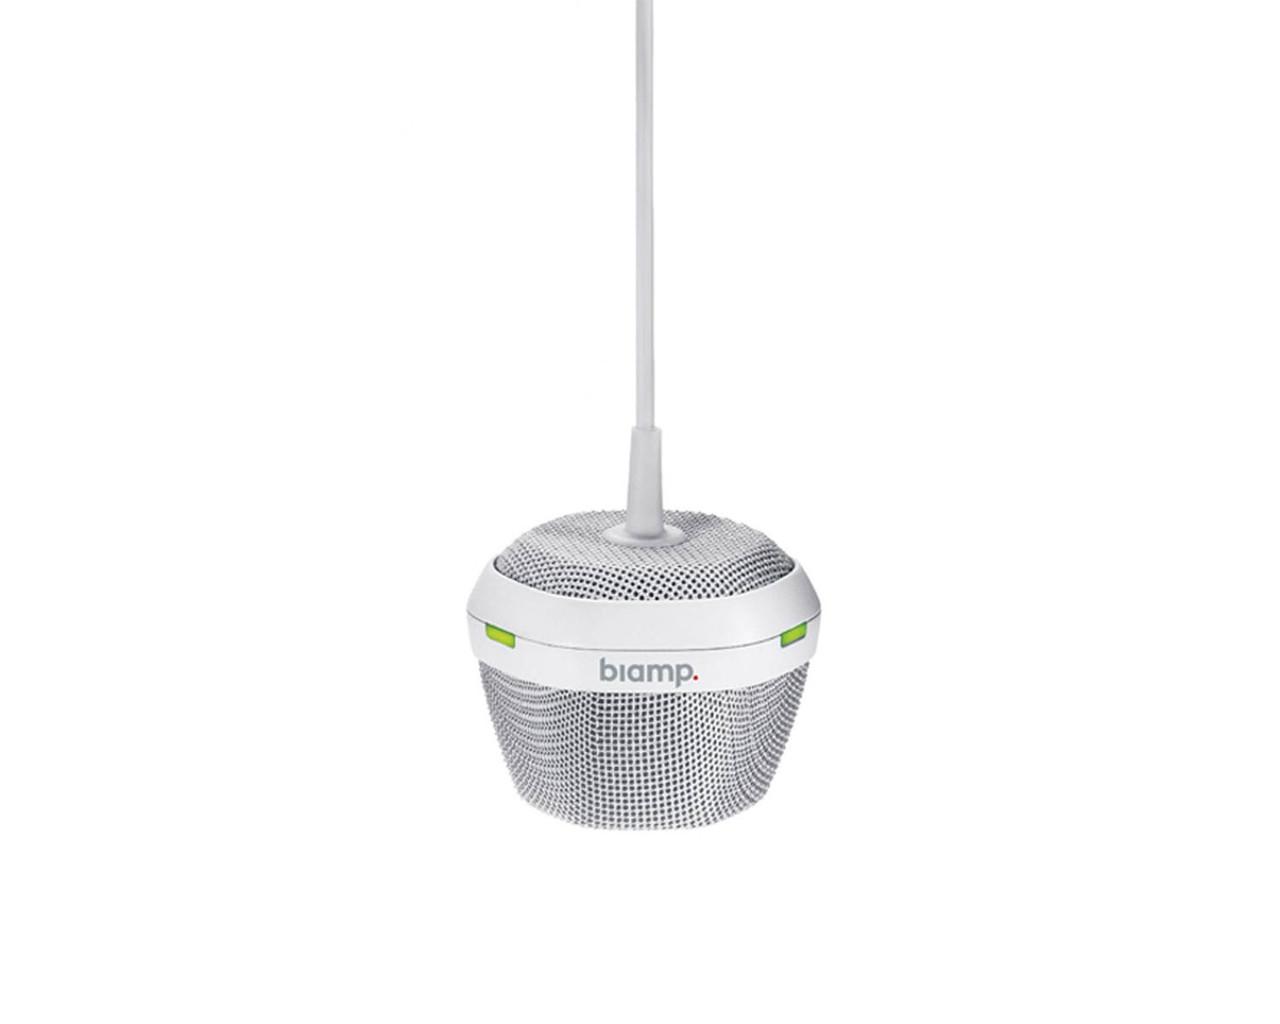 Потолочный всенаправленный микрофон Biamp